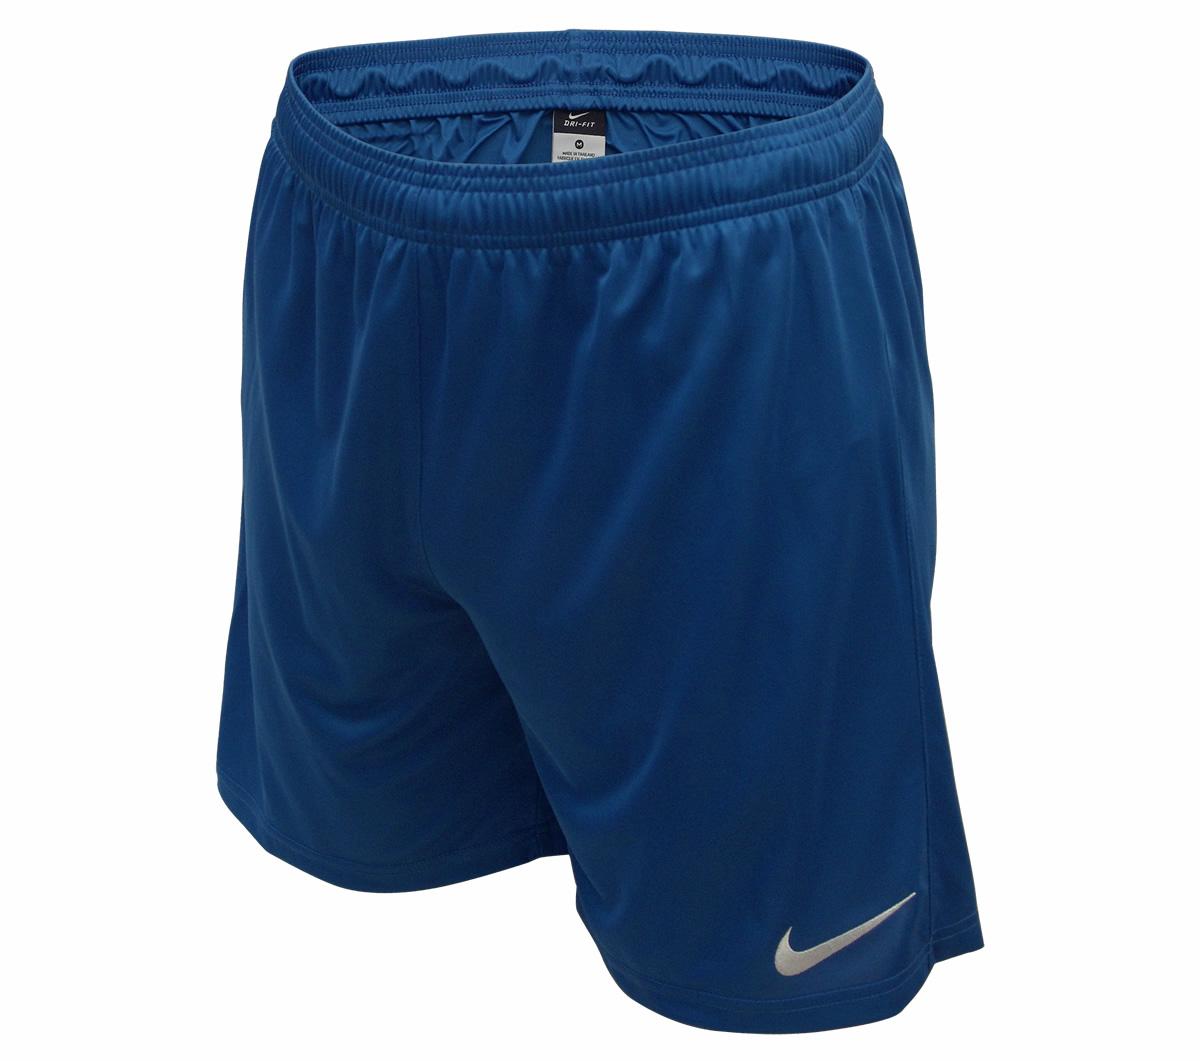 Calção Nike Park Knit Azul Calção Nike Park Knit Azul ... bb5c40f8d4685